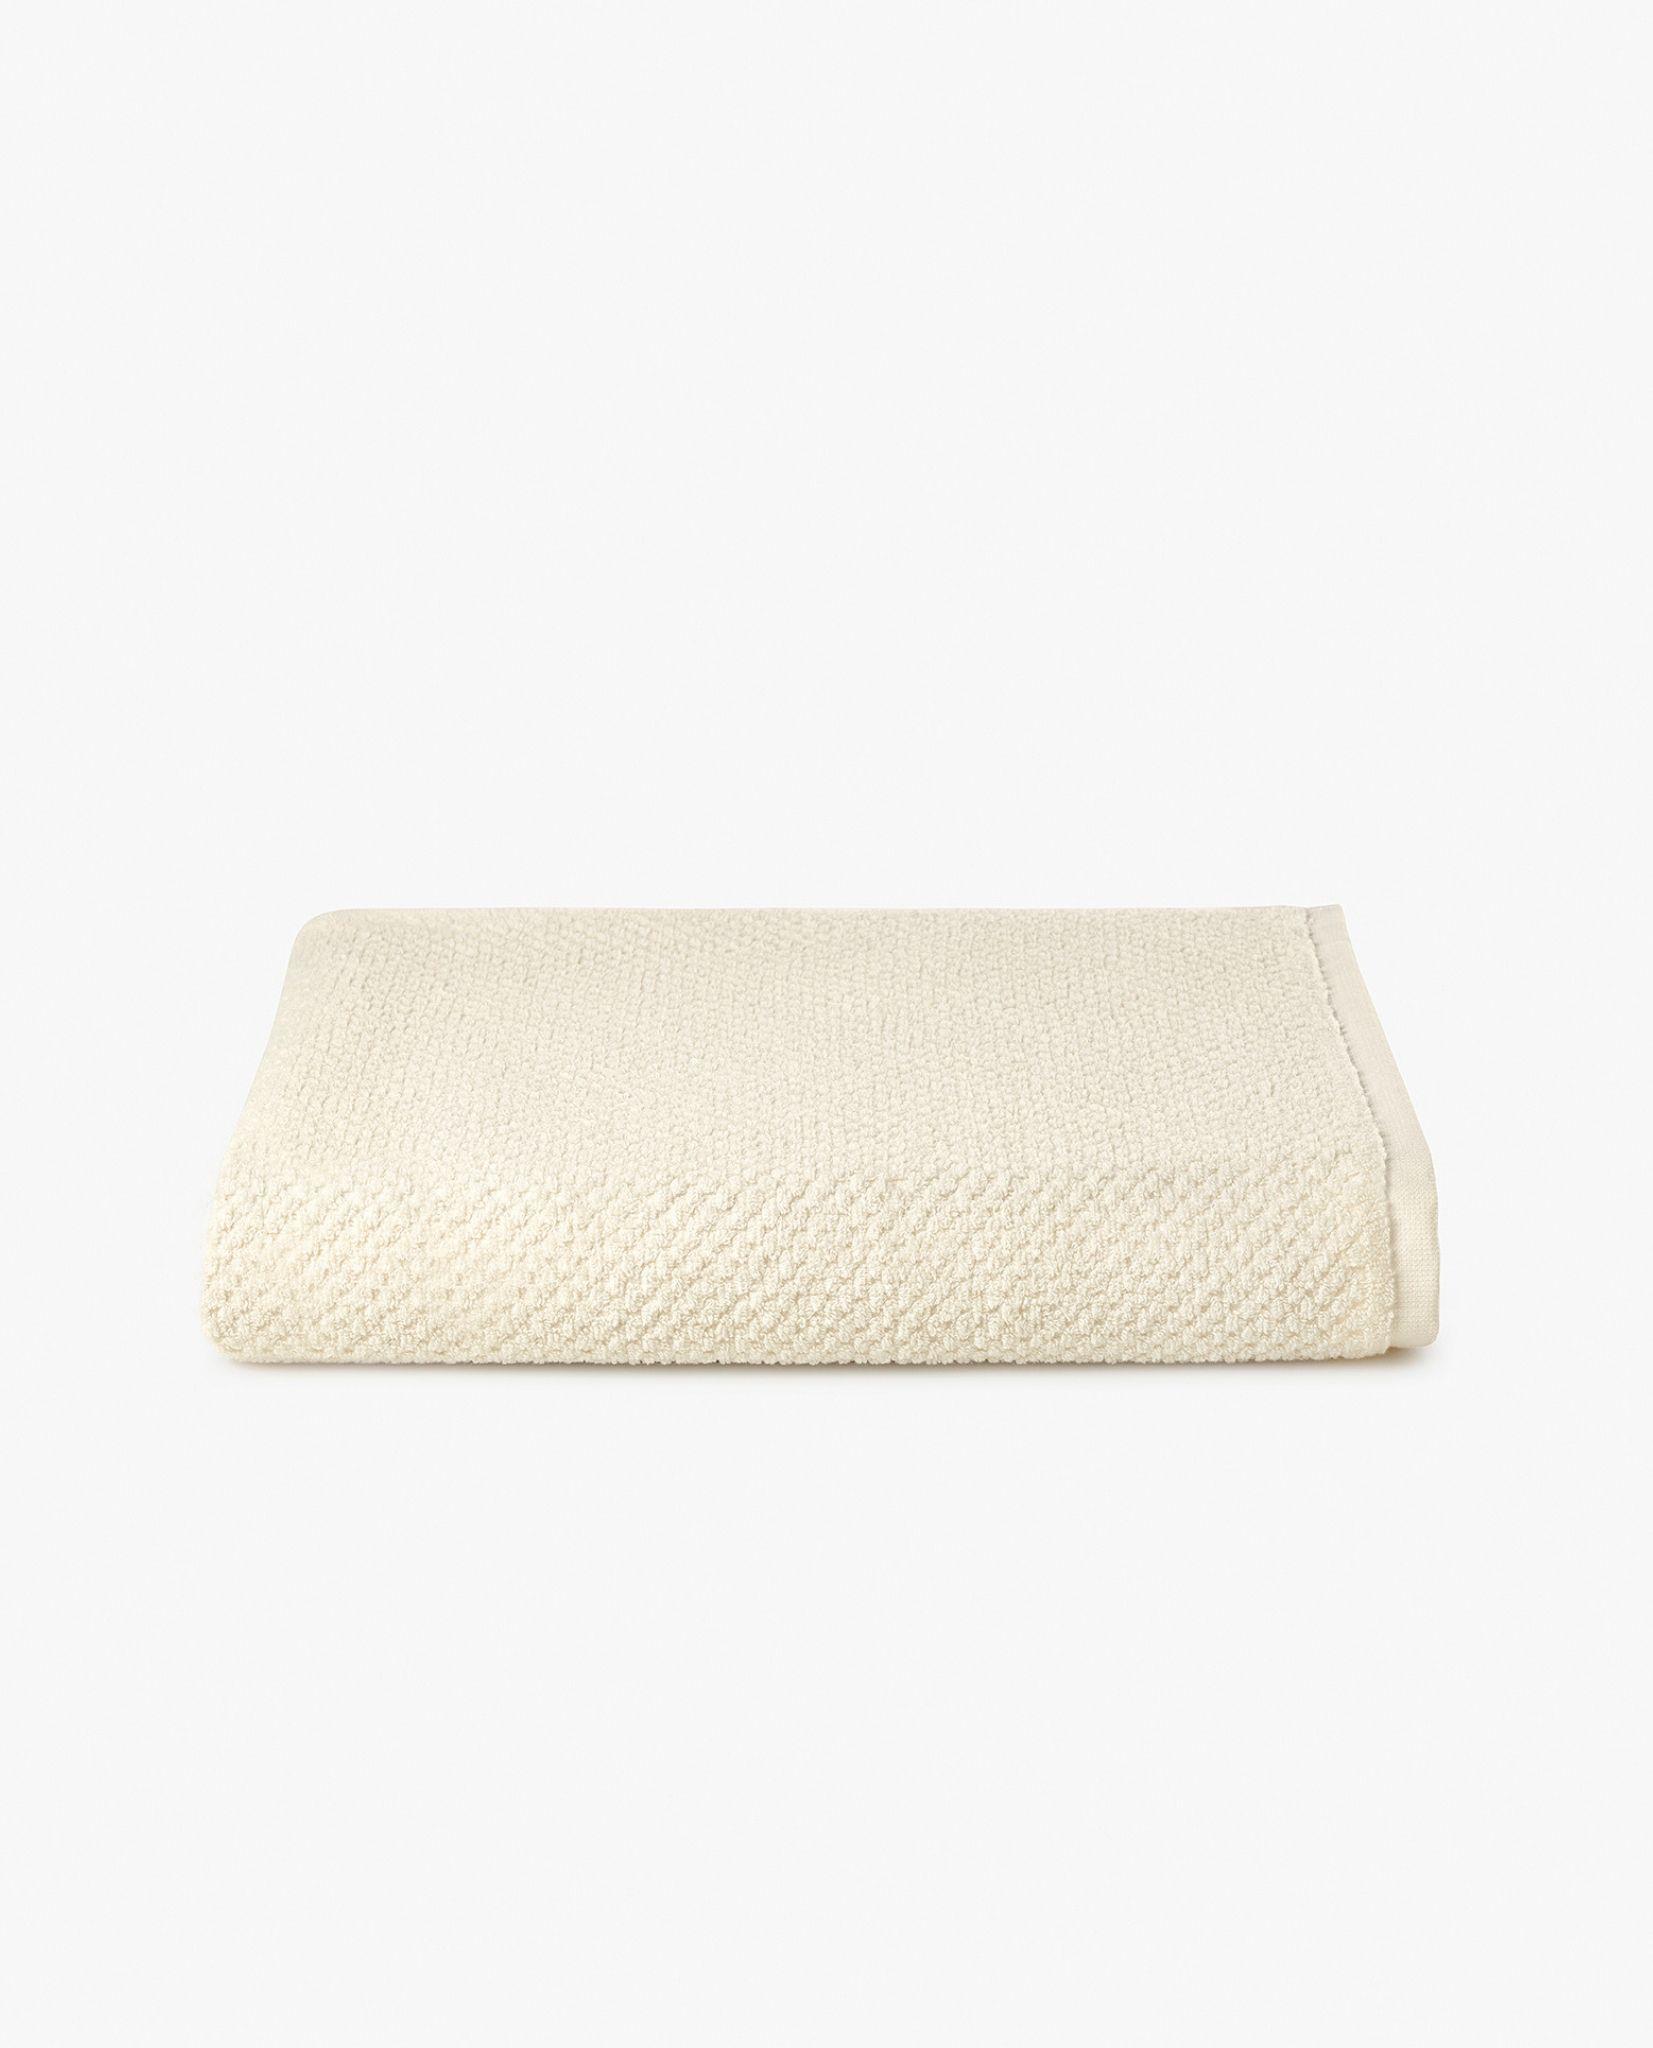 toalha de banho 100% algodão em bege